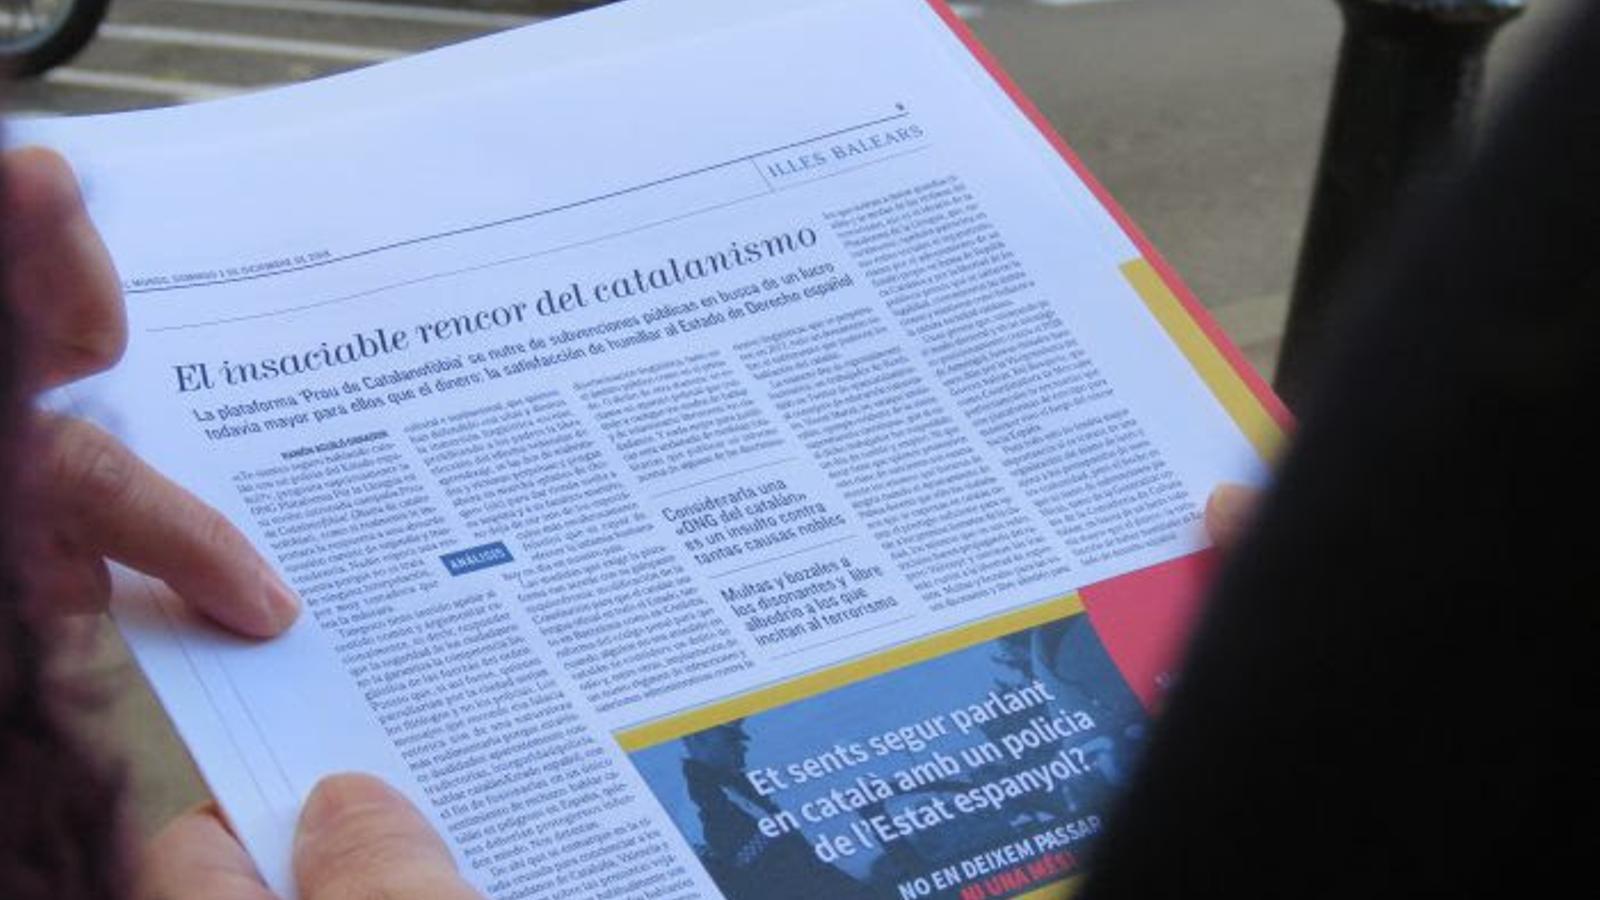 Imatge de l'article del passat 2 de desembre a El Mundo.